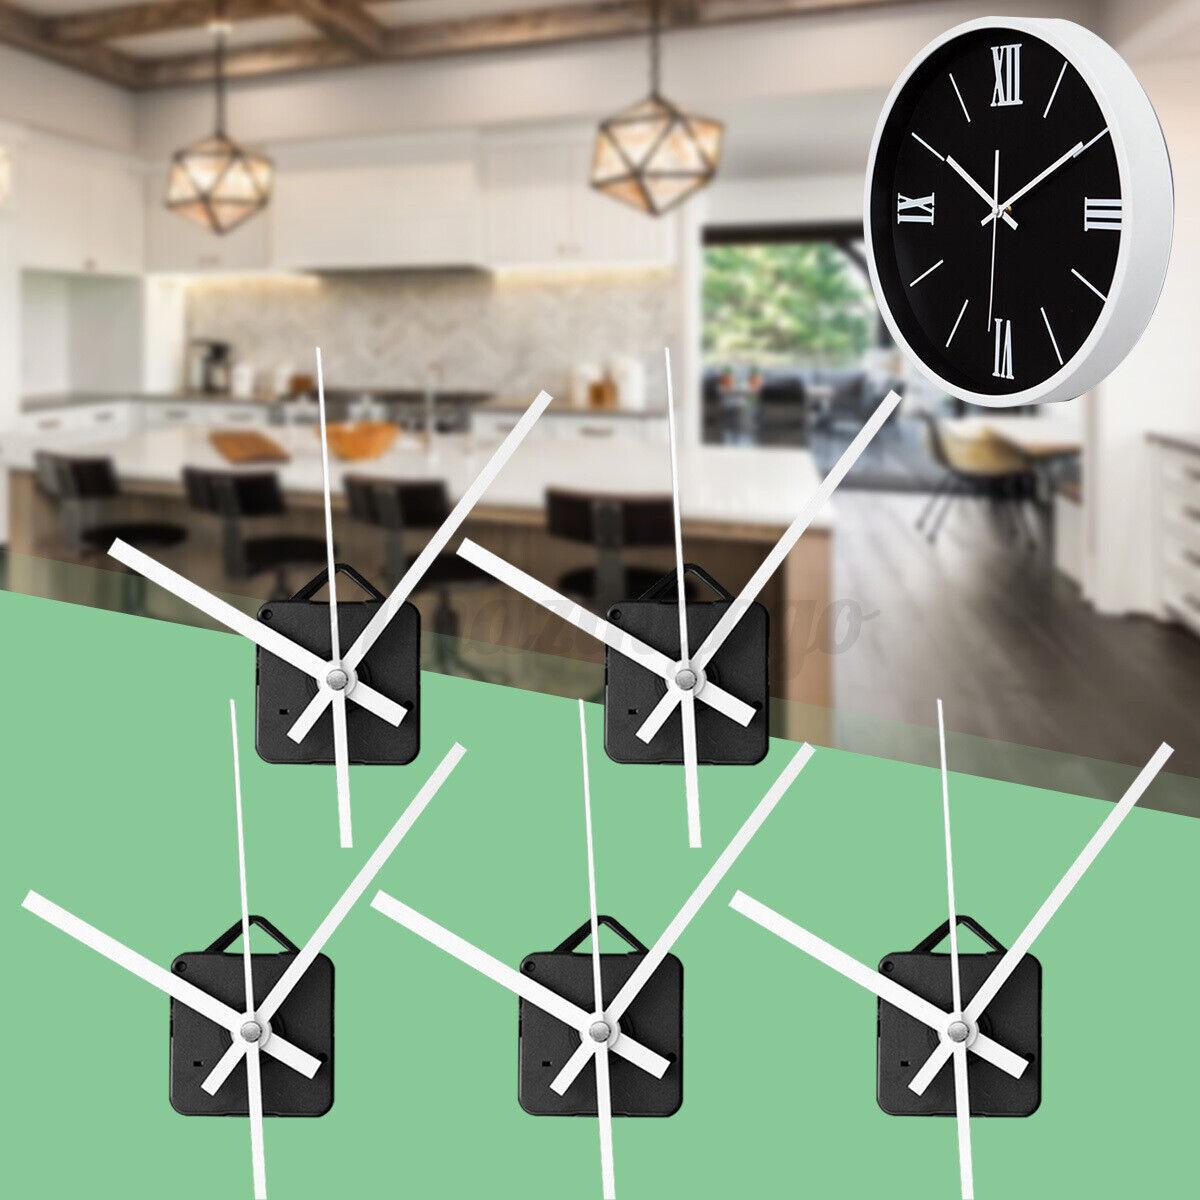 Quartz Clock Movement Mechanism Hands DIY Wall Clock Repair Parts SuppliesLLP